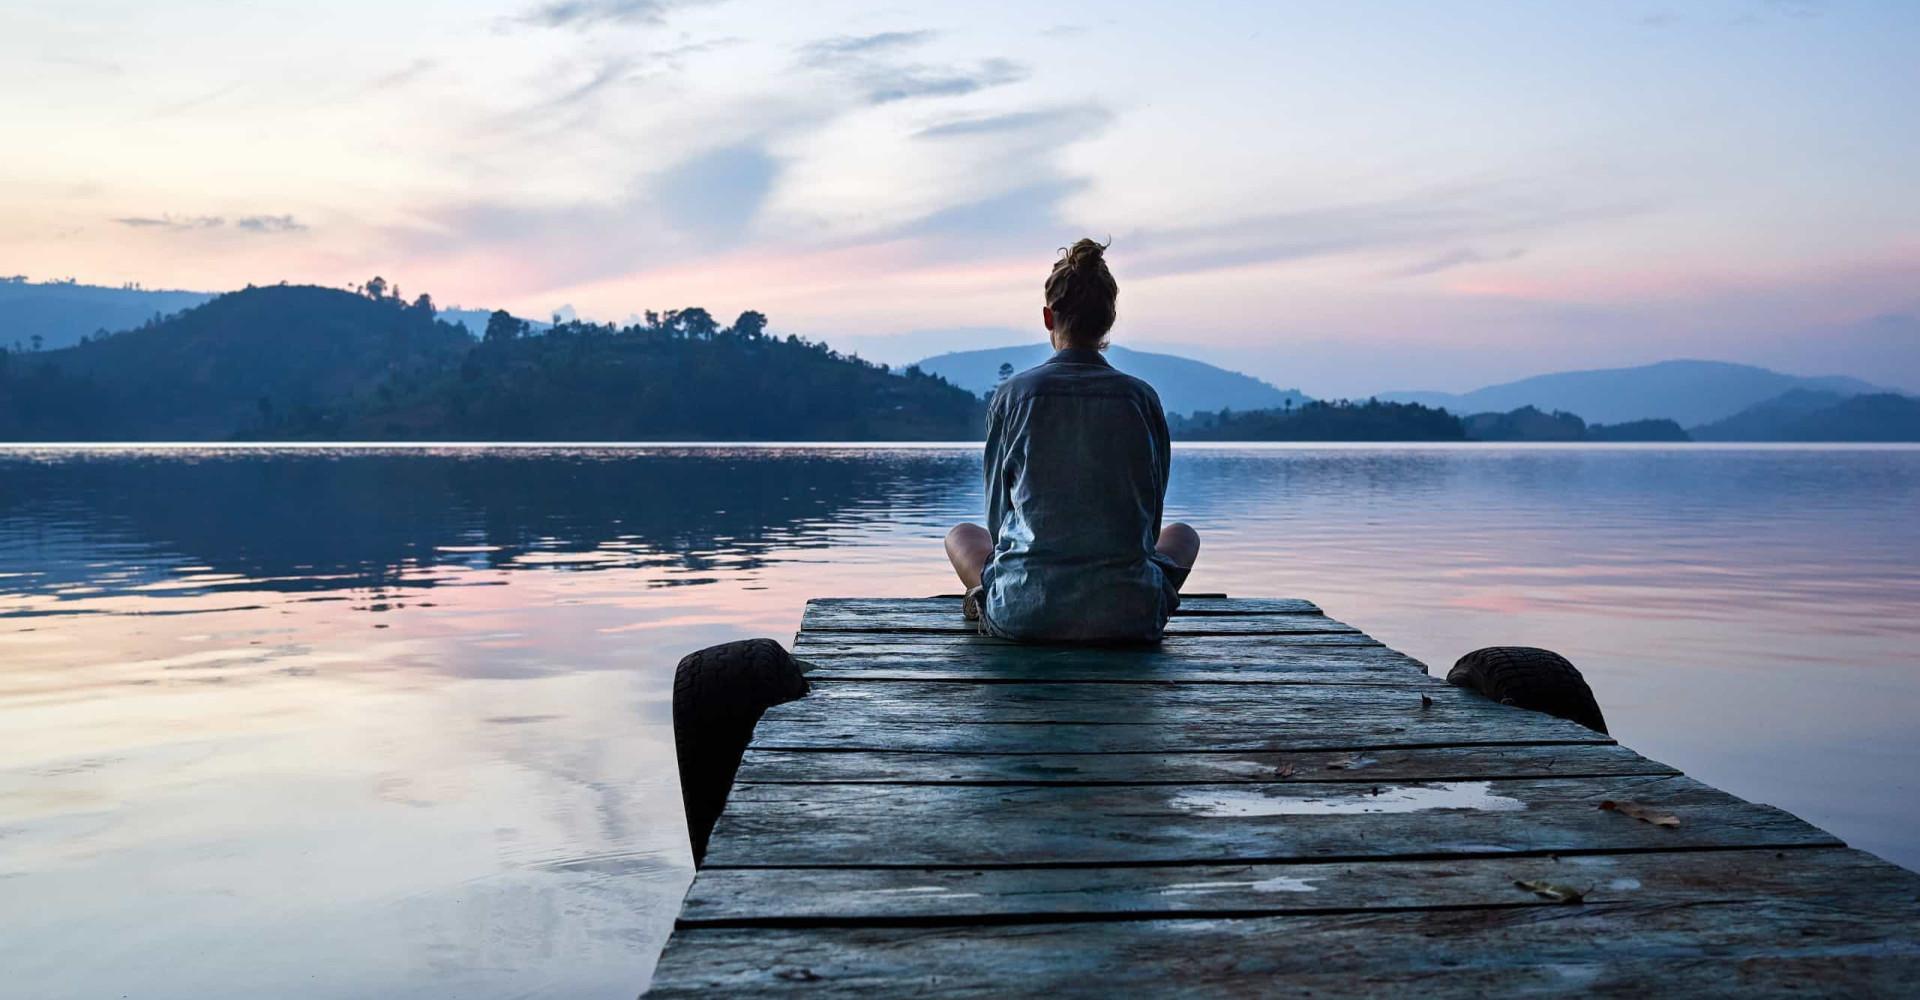 Retoma el control de tu vida siguiendo estos pasos